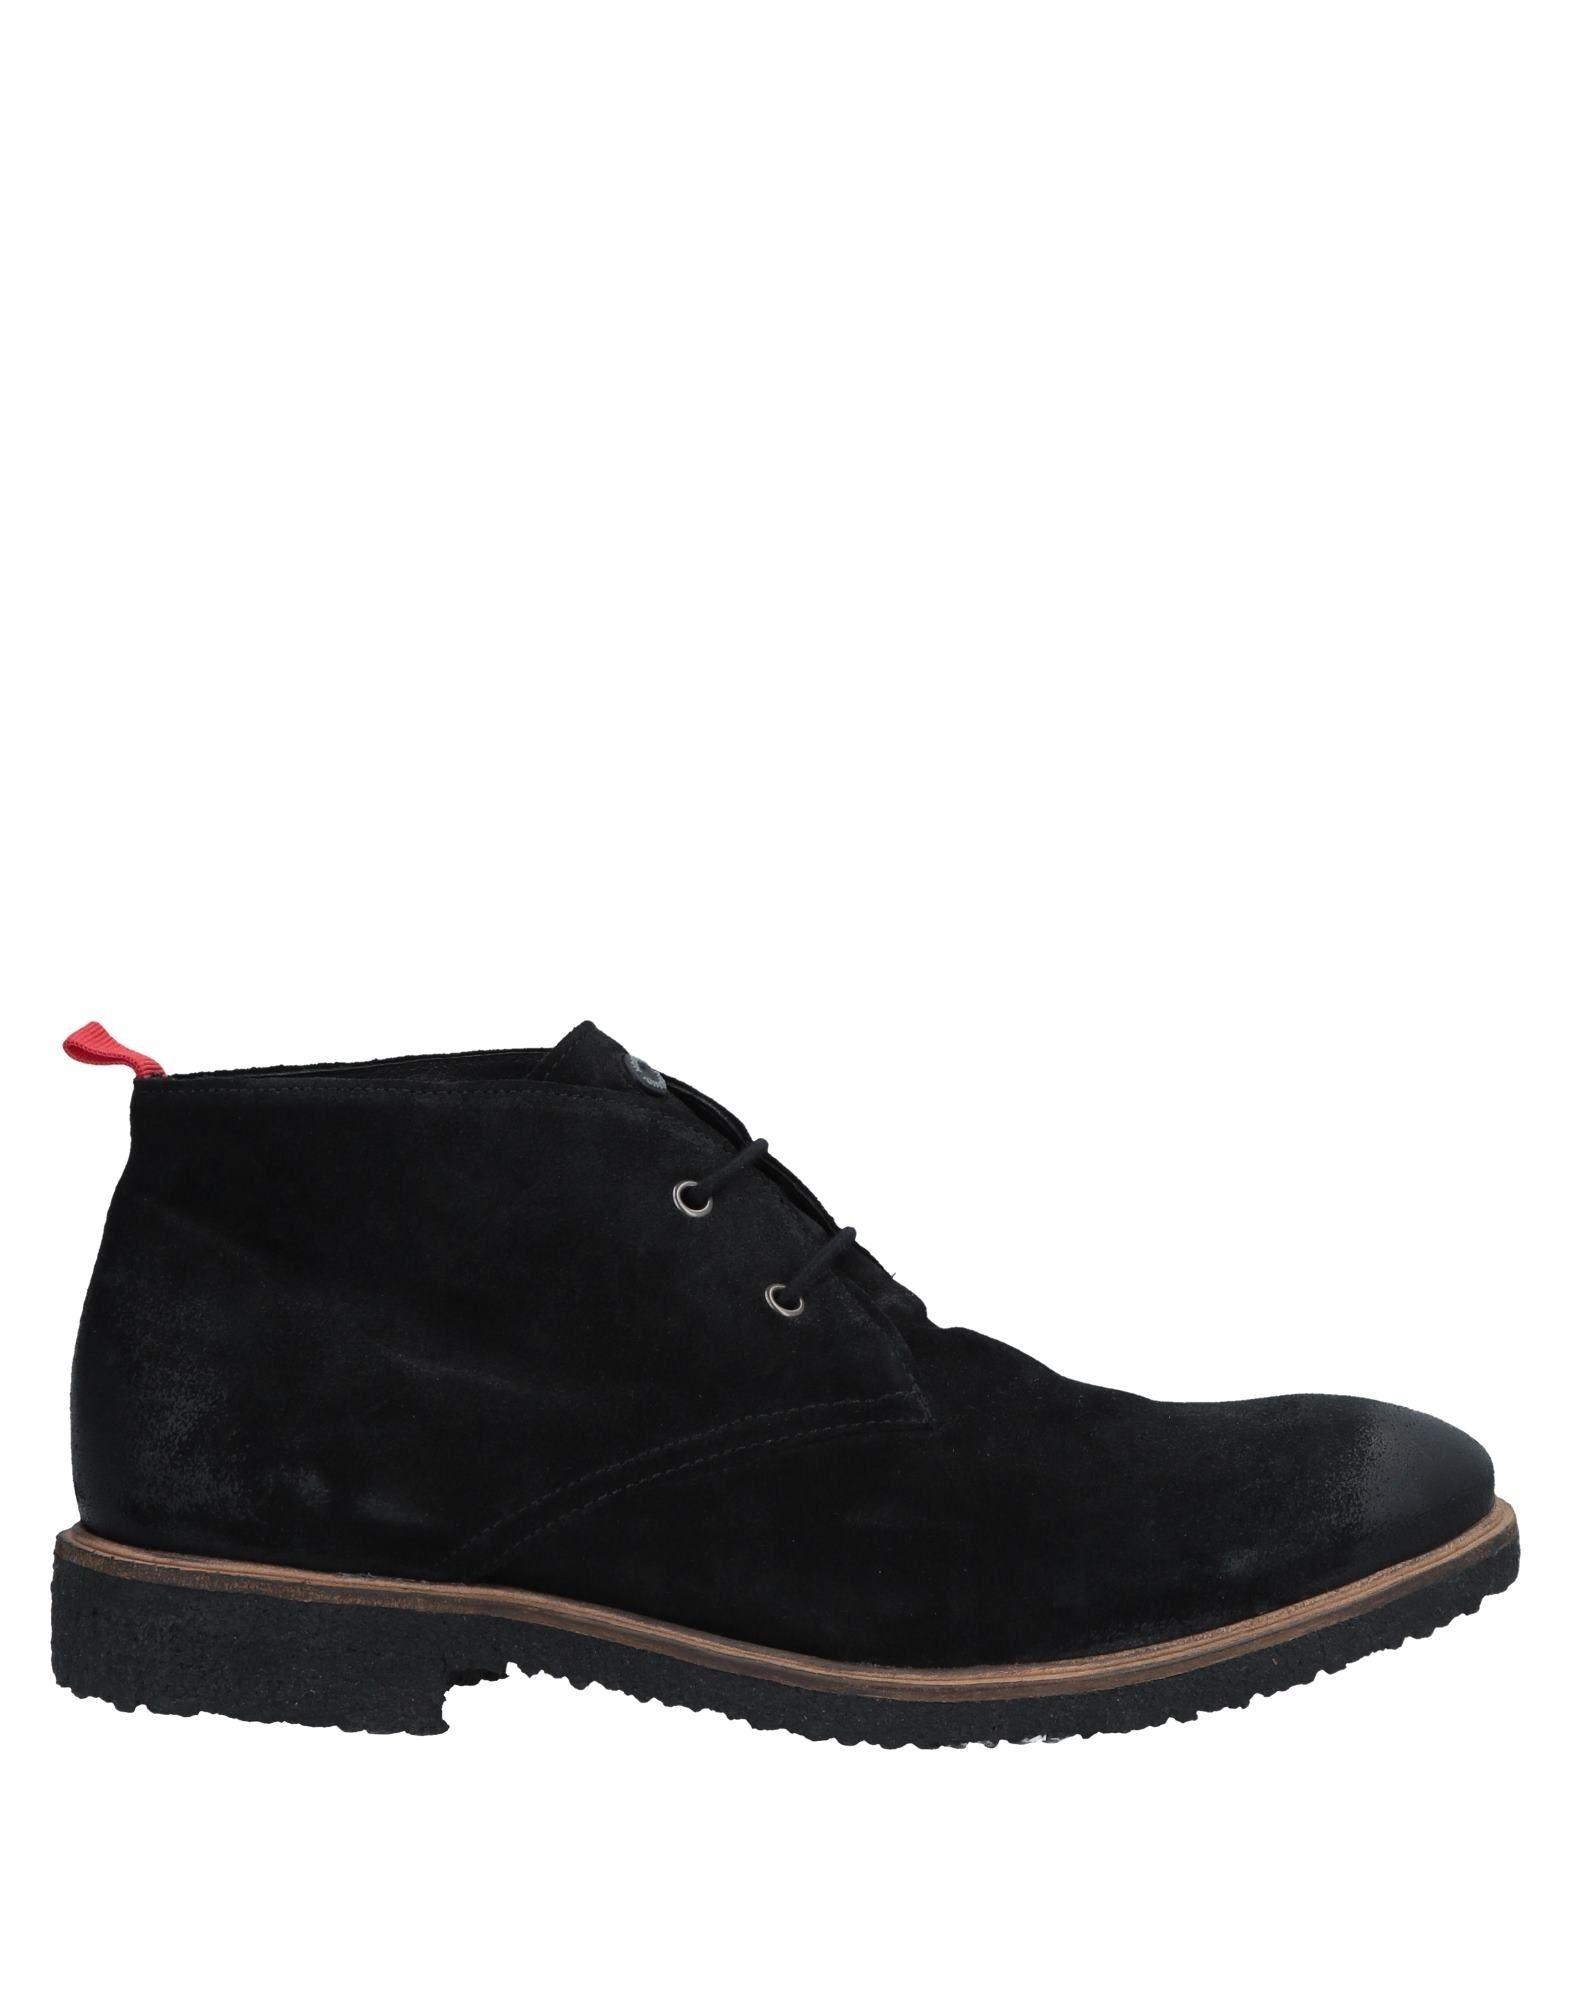 NOBRAND Полусапоги и высокие ботинки ботинки nobrand 11984 1 cuero